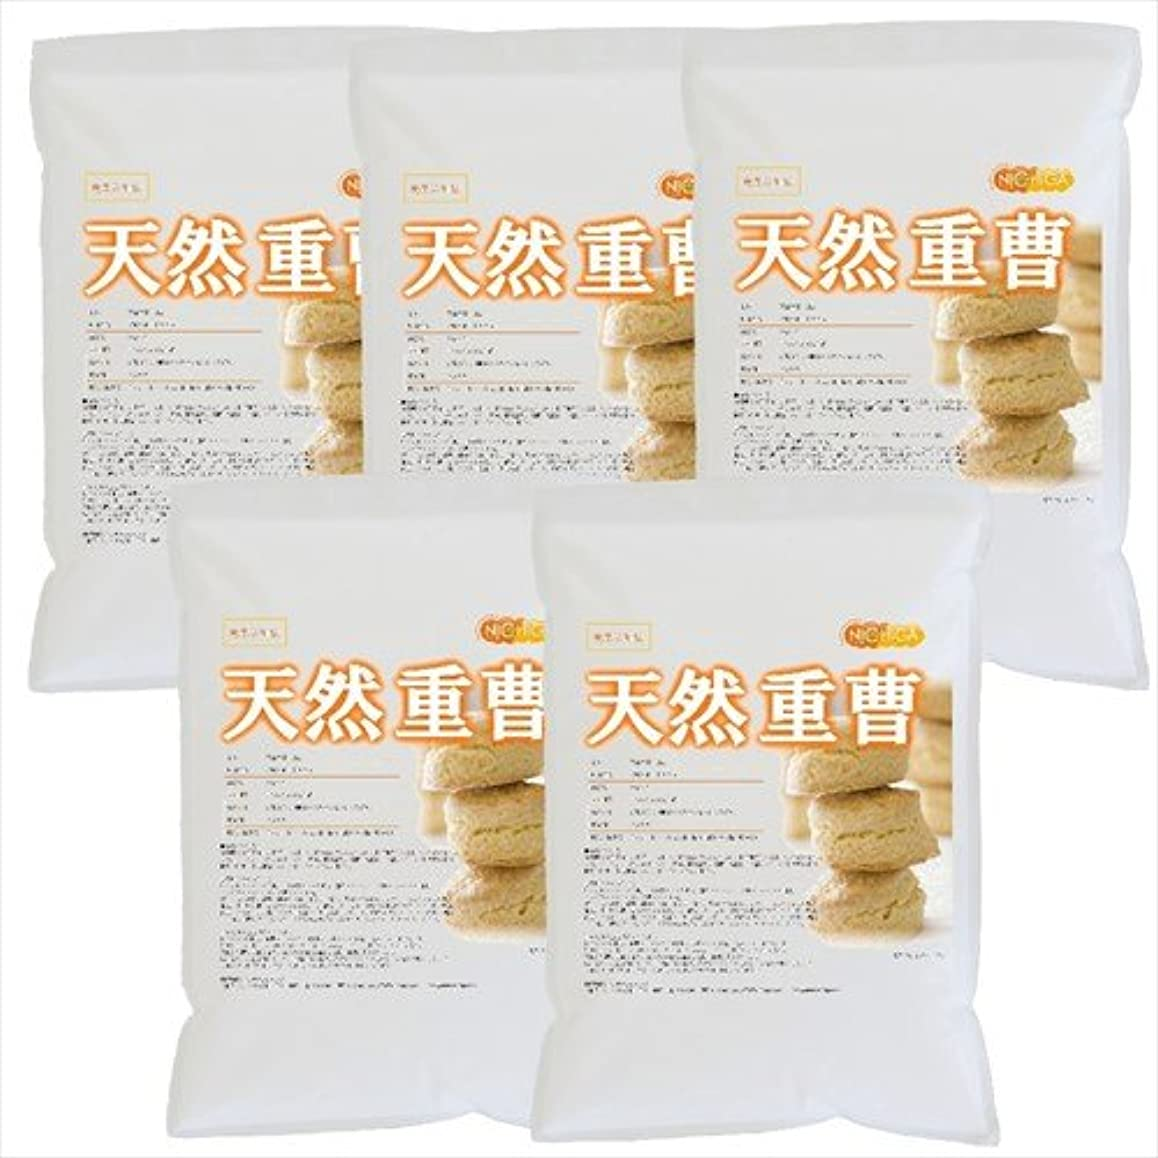 まっすぐにする経由で浮浪者天然 重曹 5kg×5袋 [02] 【同梱不可】炭酸水素ナトリウム 食品添加物(食品用)NICHIGA(ニチガ)